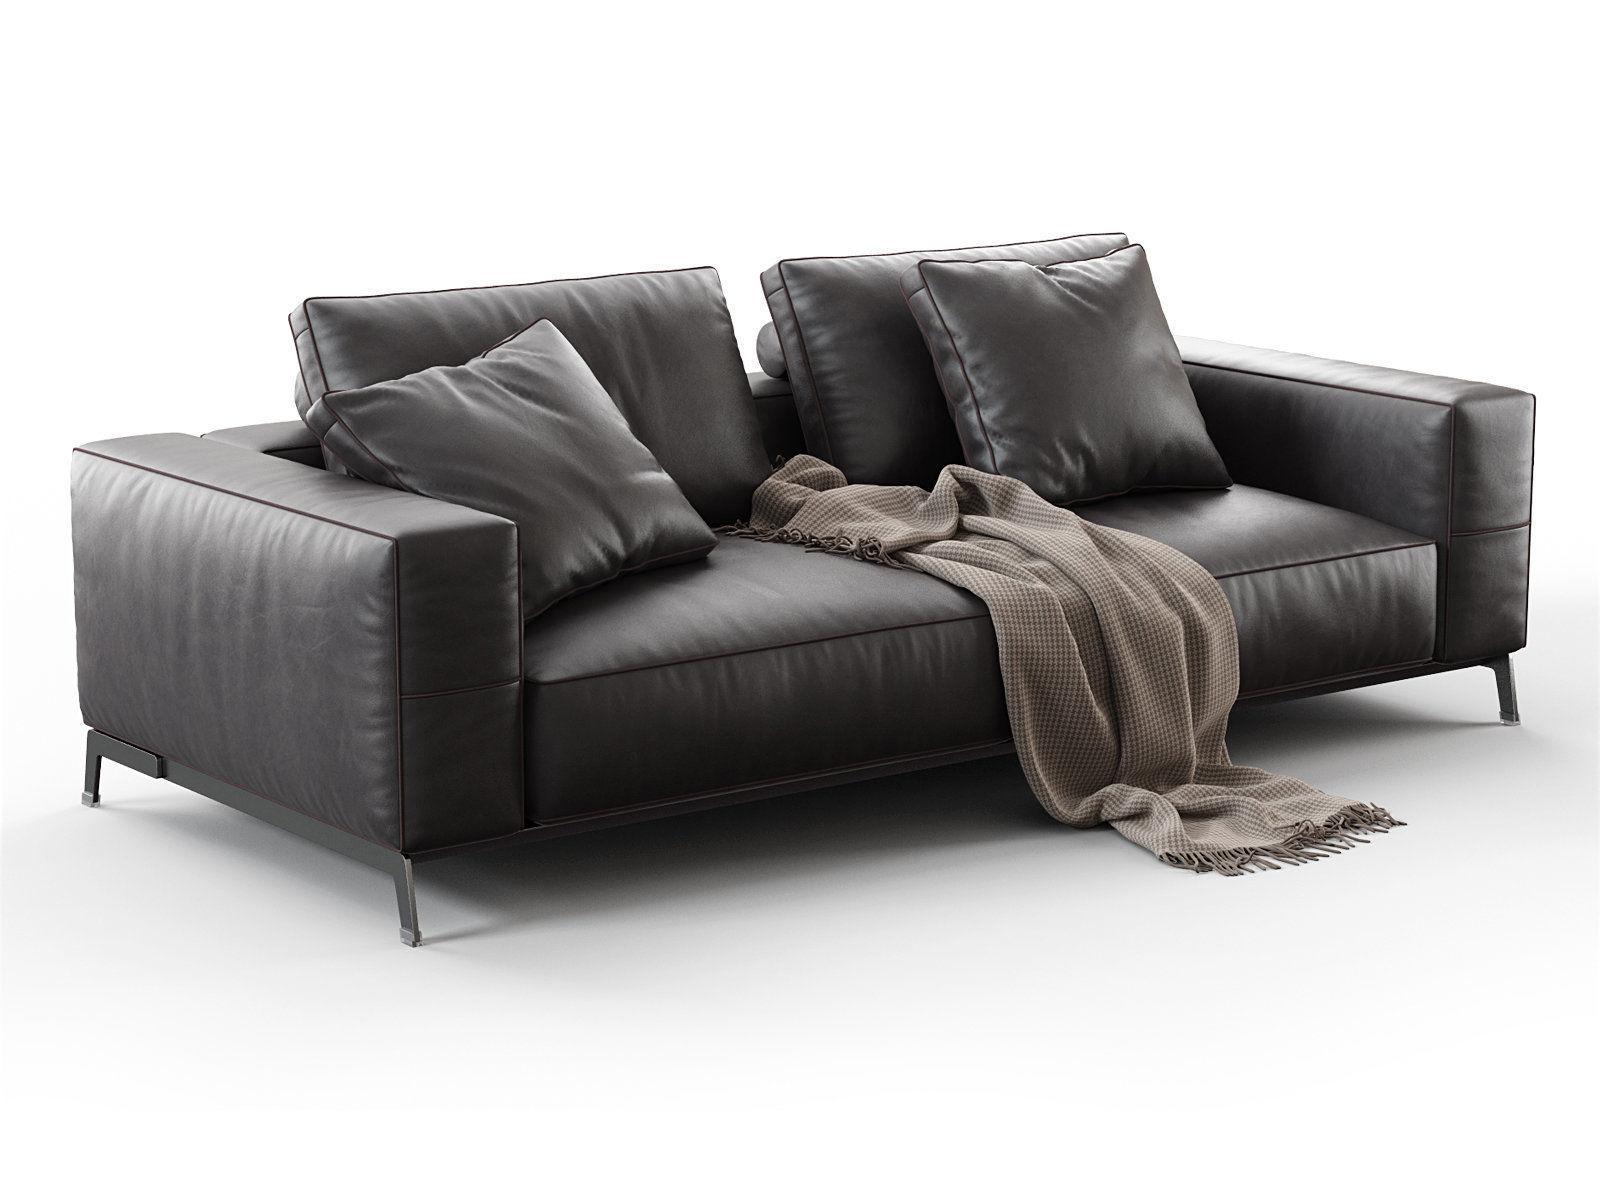 Ettore 2 Seater Sofa